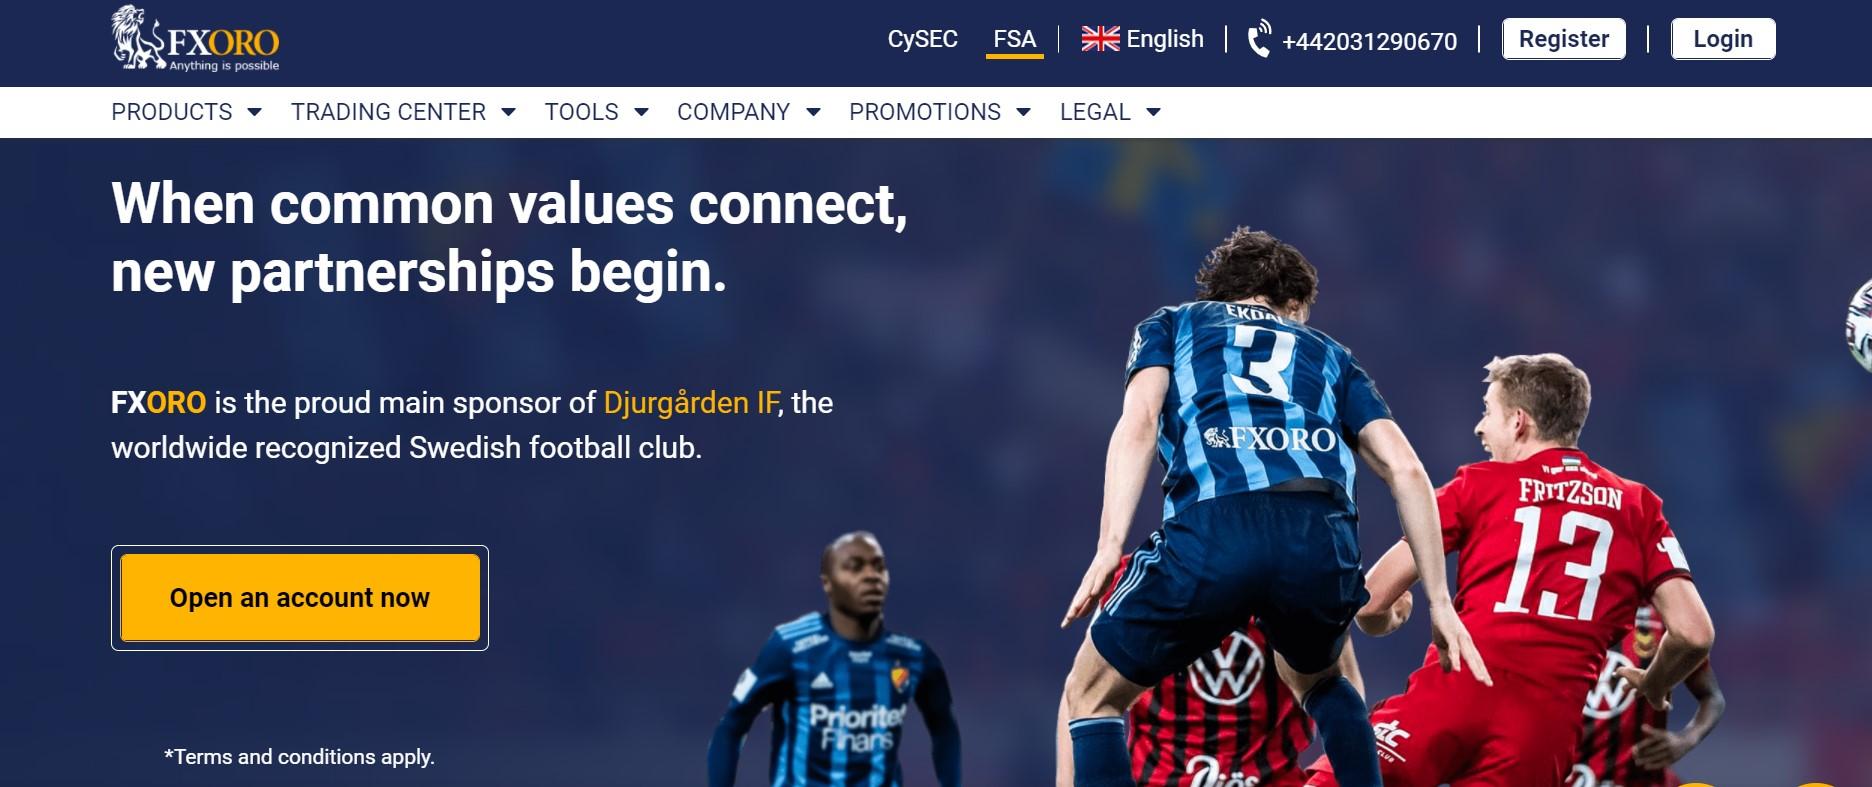 FxOro website